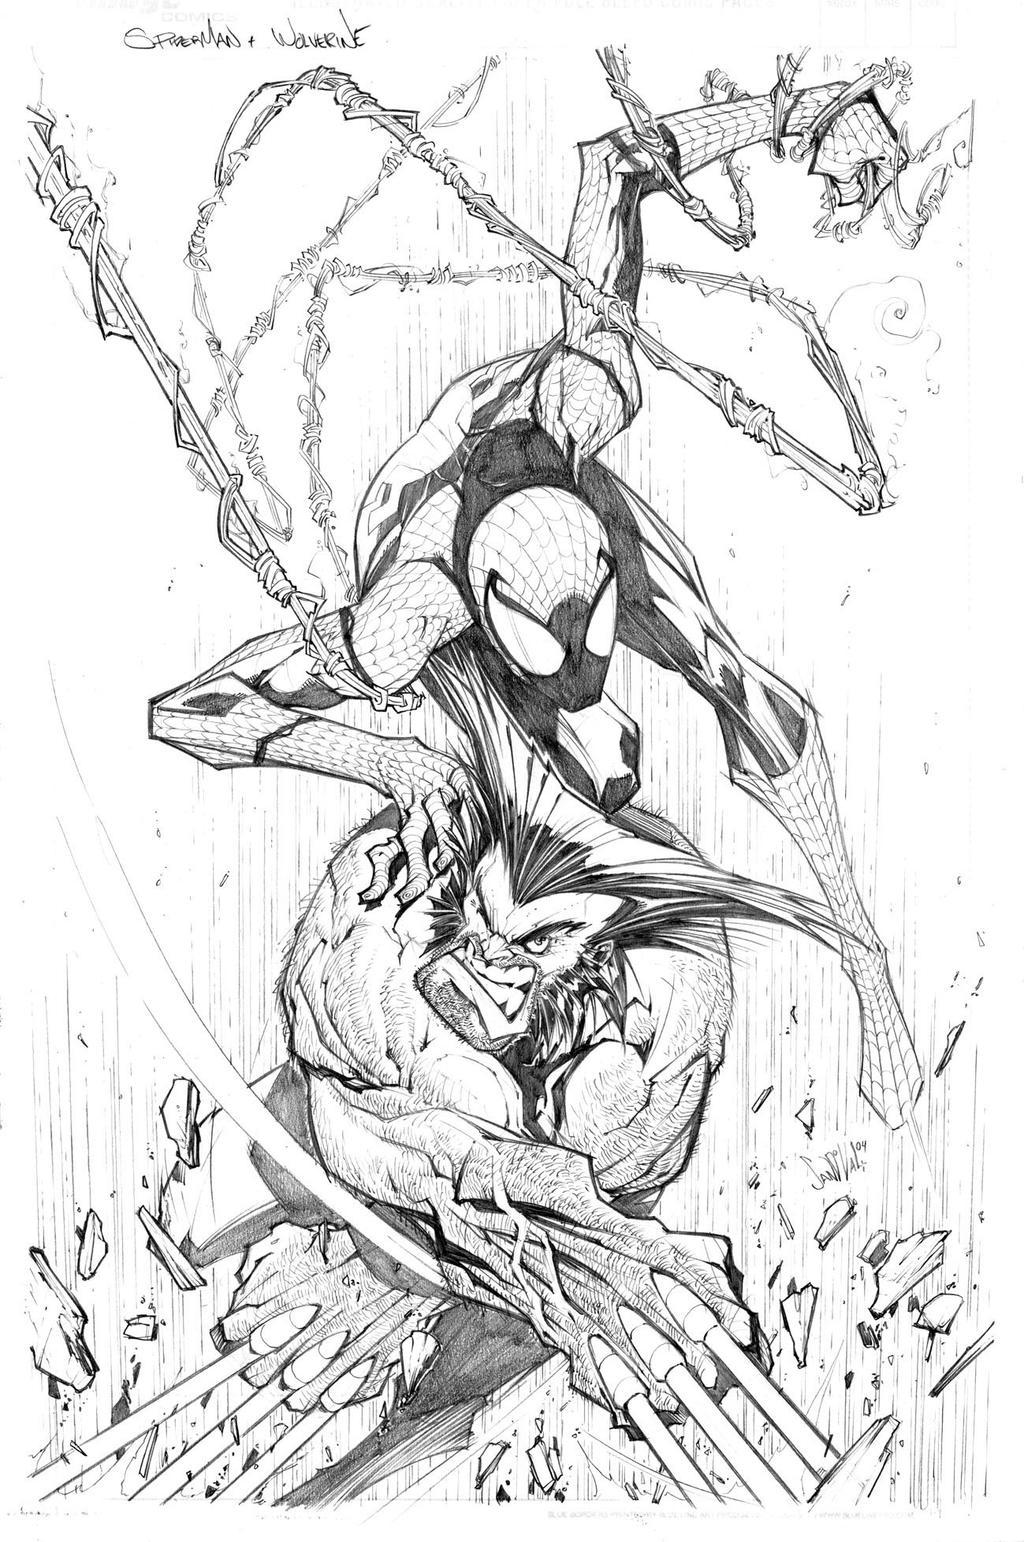 547187423452952355 besides Spiderman Spider Logo Stencil also 357191814166901397 also Batman And Joker 340873320 furthermore Gangster. on amazing spider man symbol